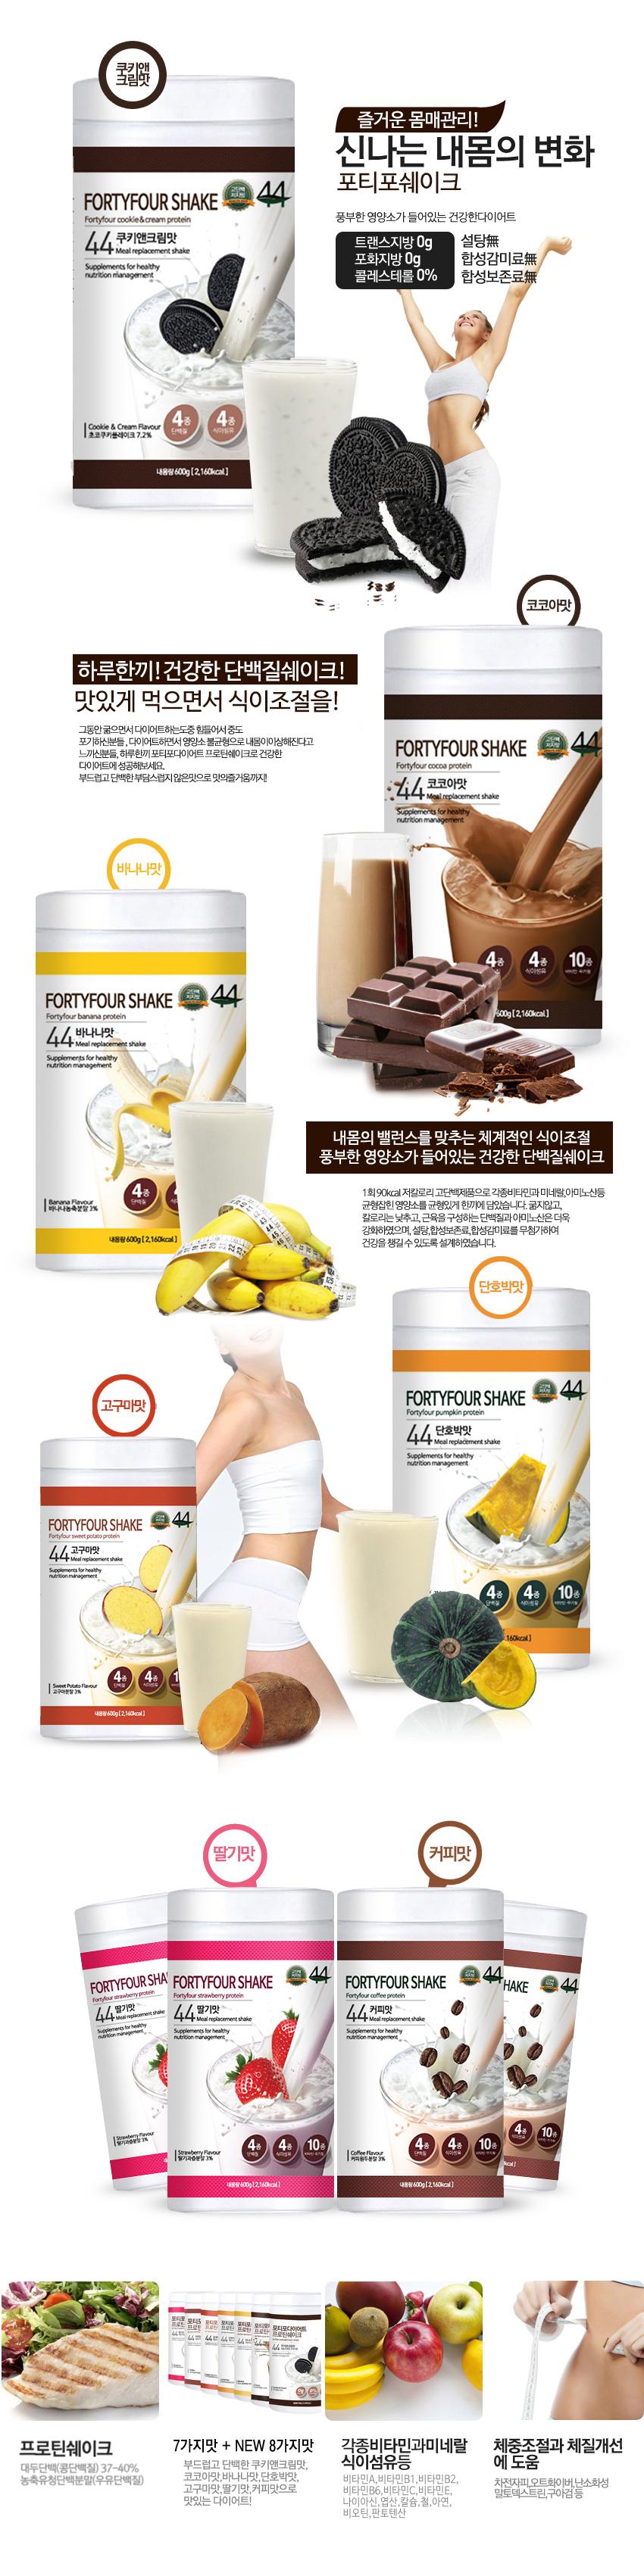 포티포쉐이크 15가지맛 단백질 체중조절 - 포티포다이어트, 13,900원, 다이어트식품, 다이어트보조식품